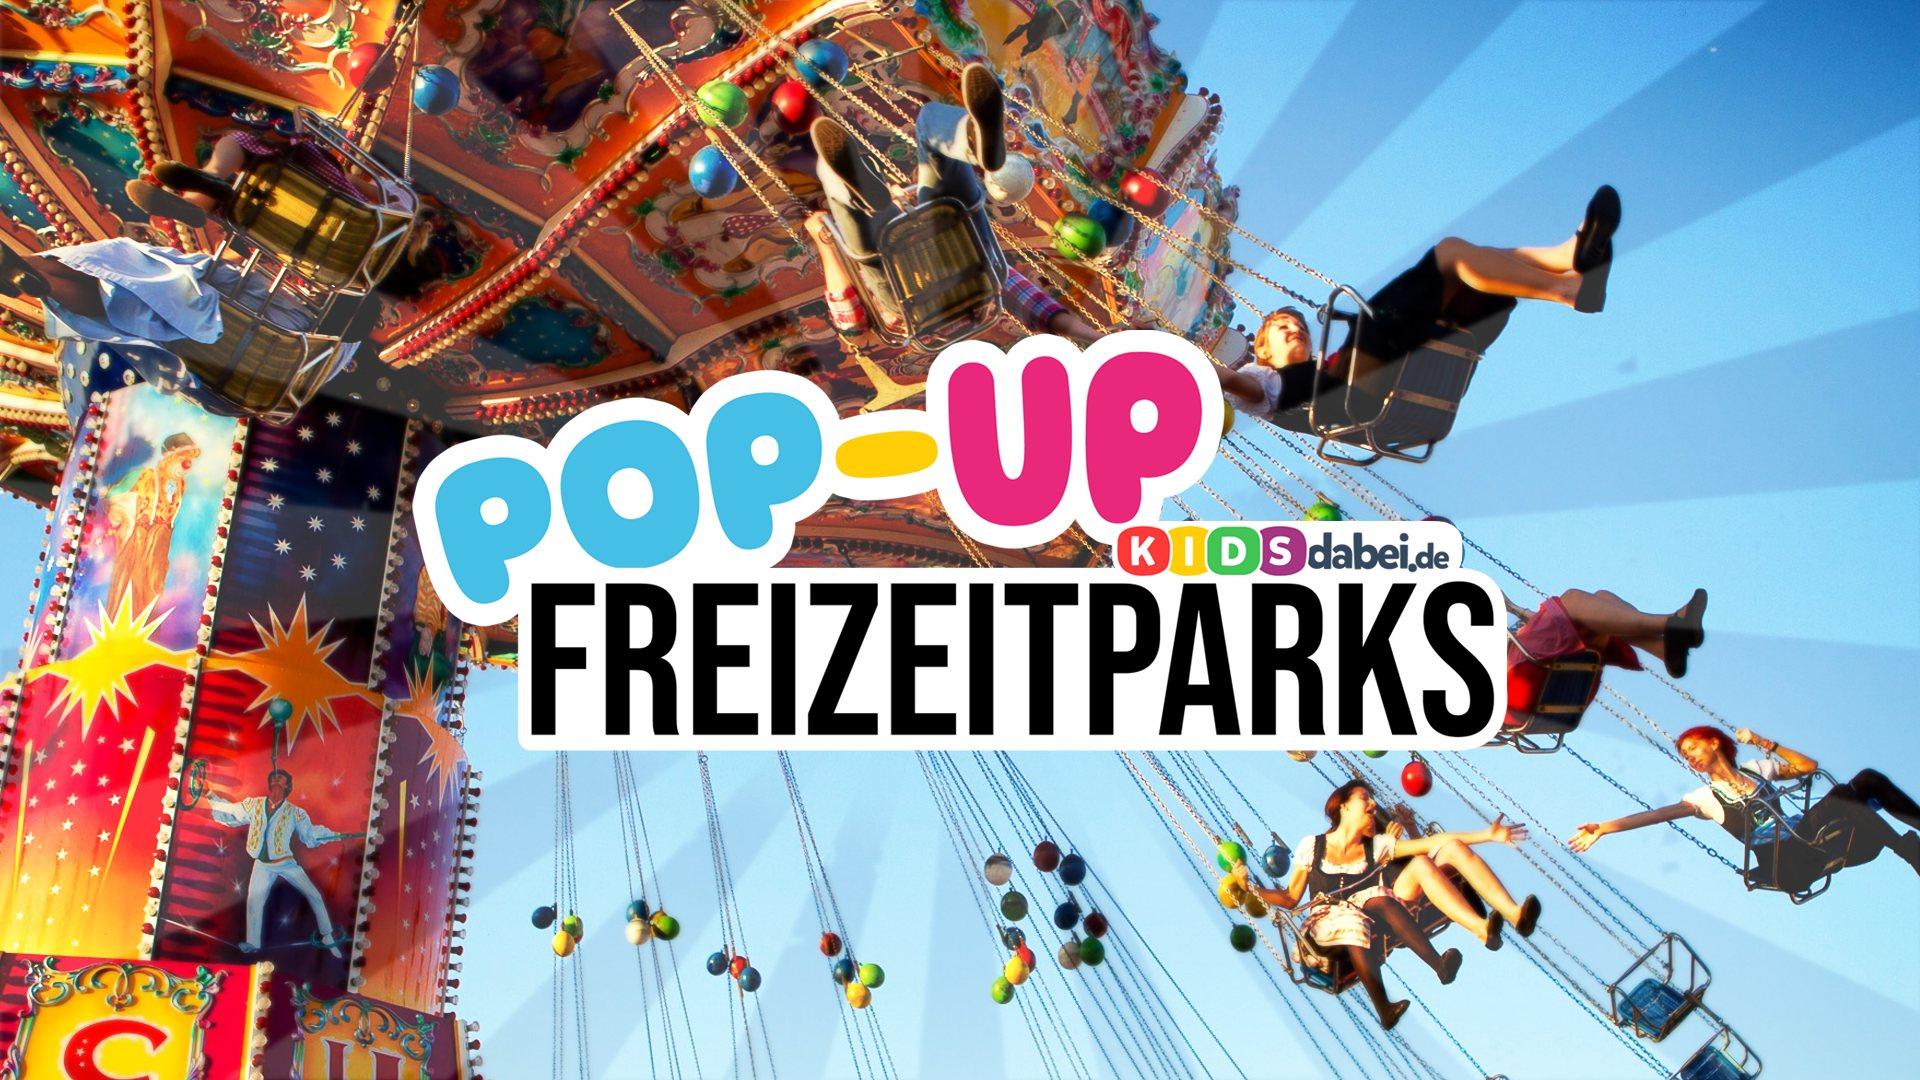 PopUp-Freizeitparks auf Kidsdabei